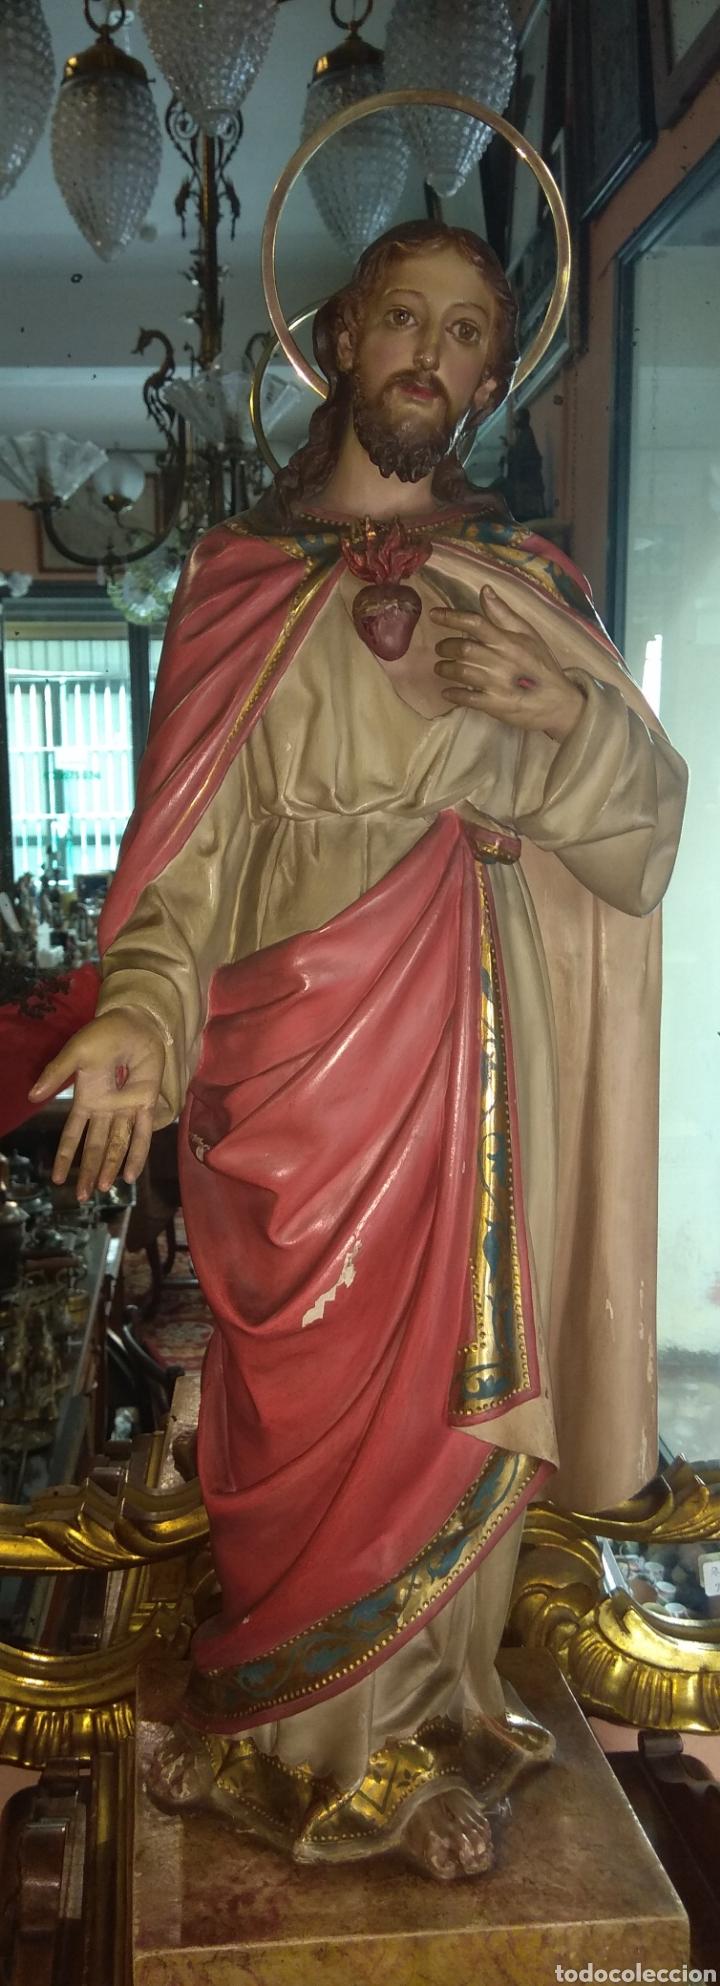 ESCULTURA SAGRADO CORAZÓN DE JESÚS XIX MADERA (Arte - Arte Religioso - Escultura)